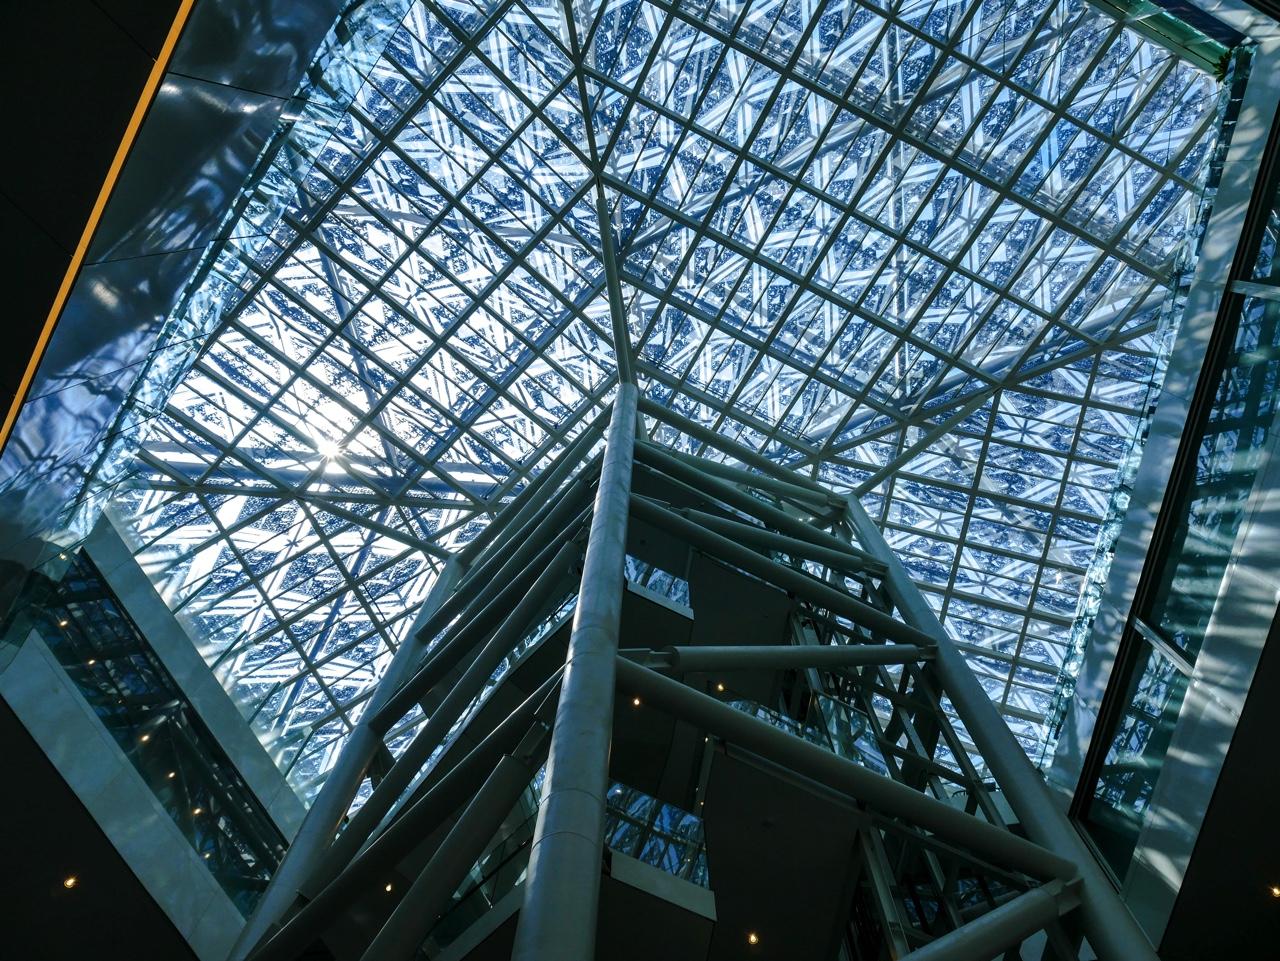 臺南市美術館2館の大屋根